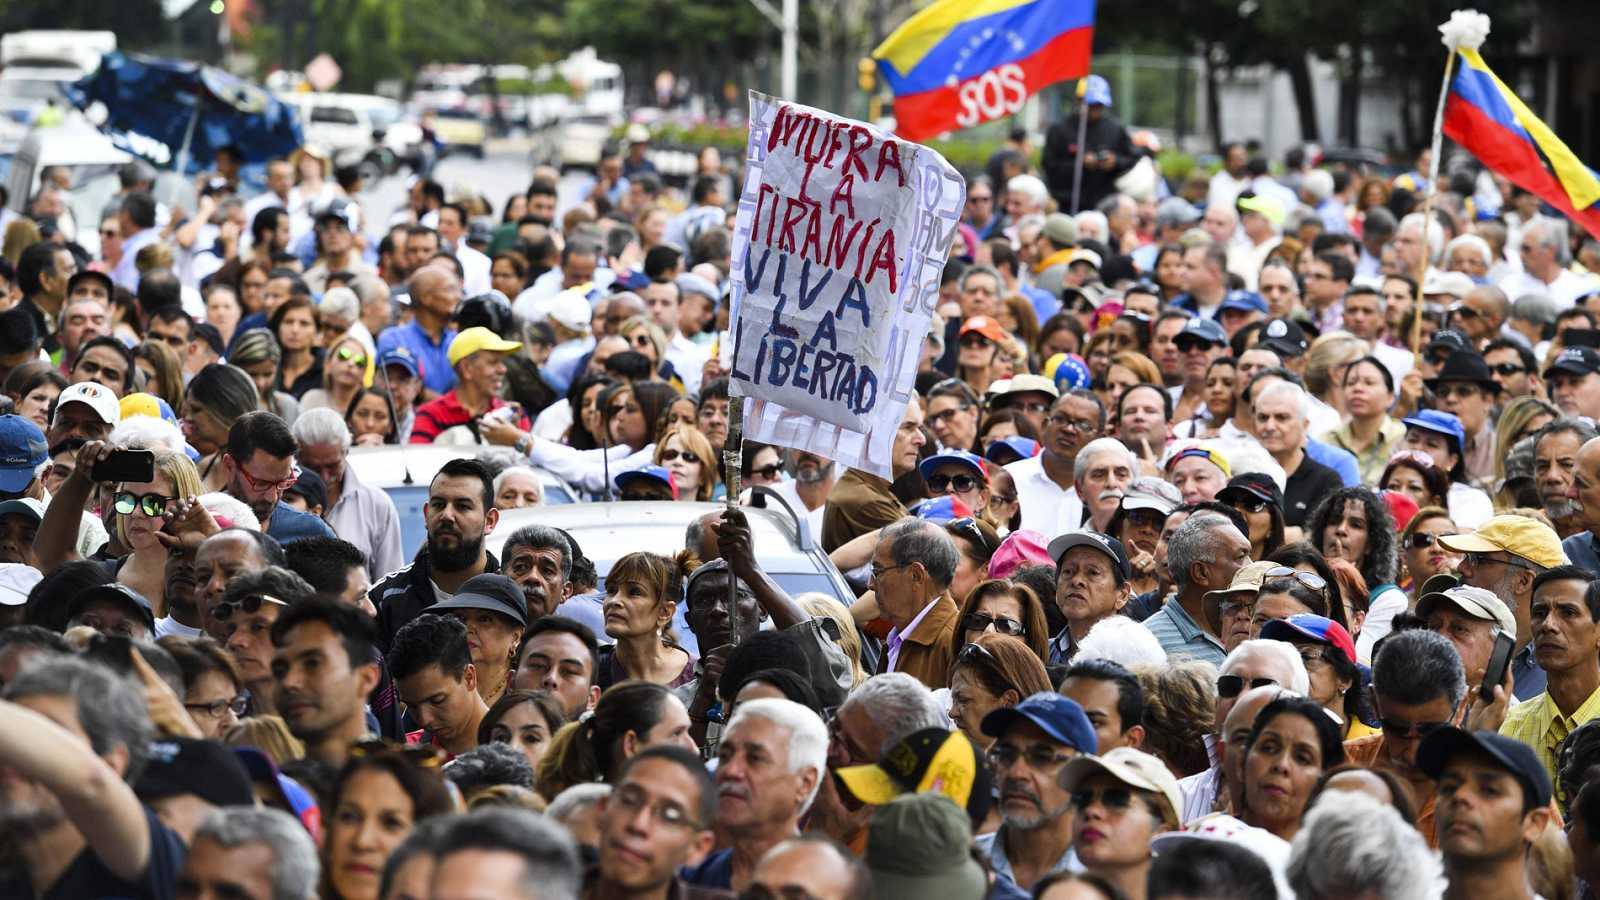 La oposición en Venezuela quiere volver a tomar la calle para echar a Maduro del poder